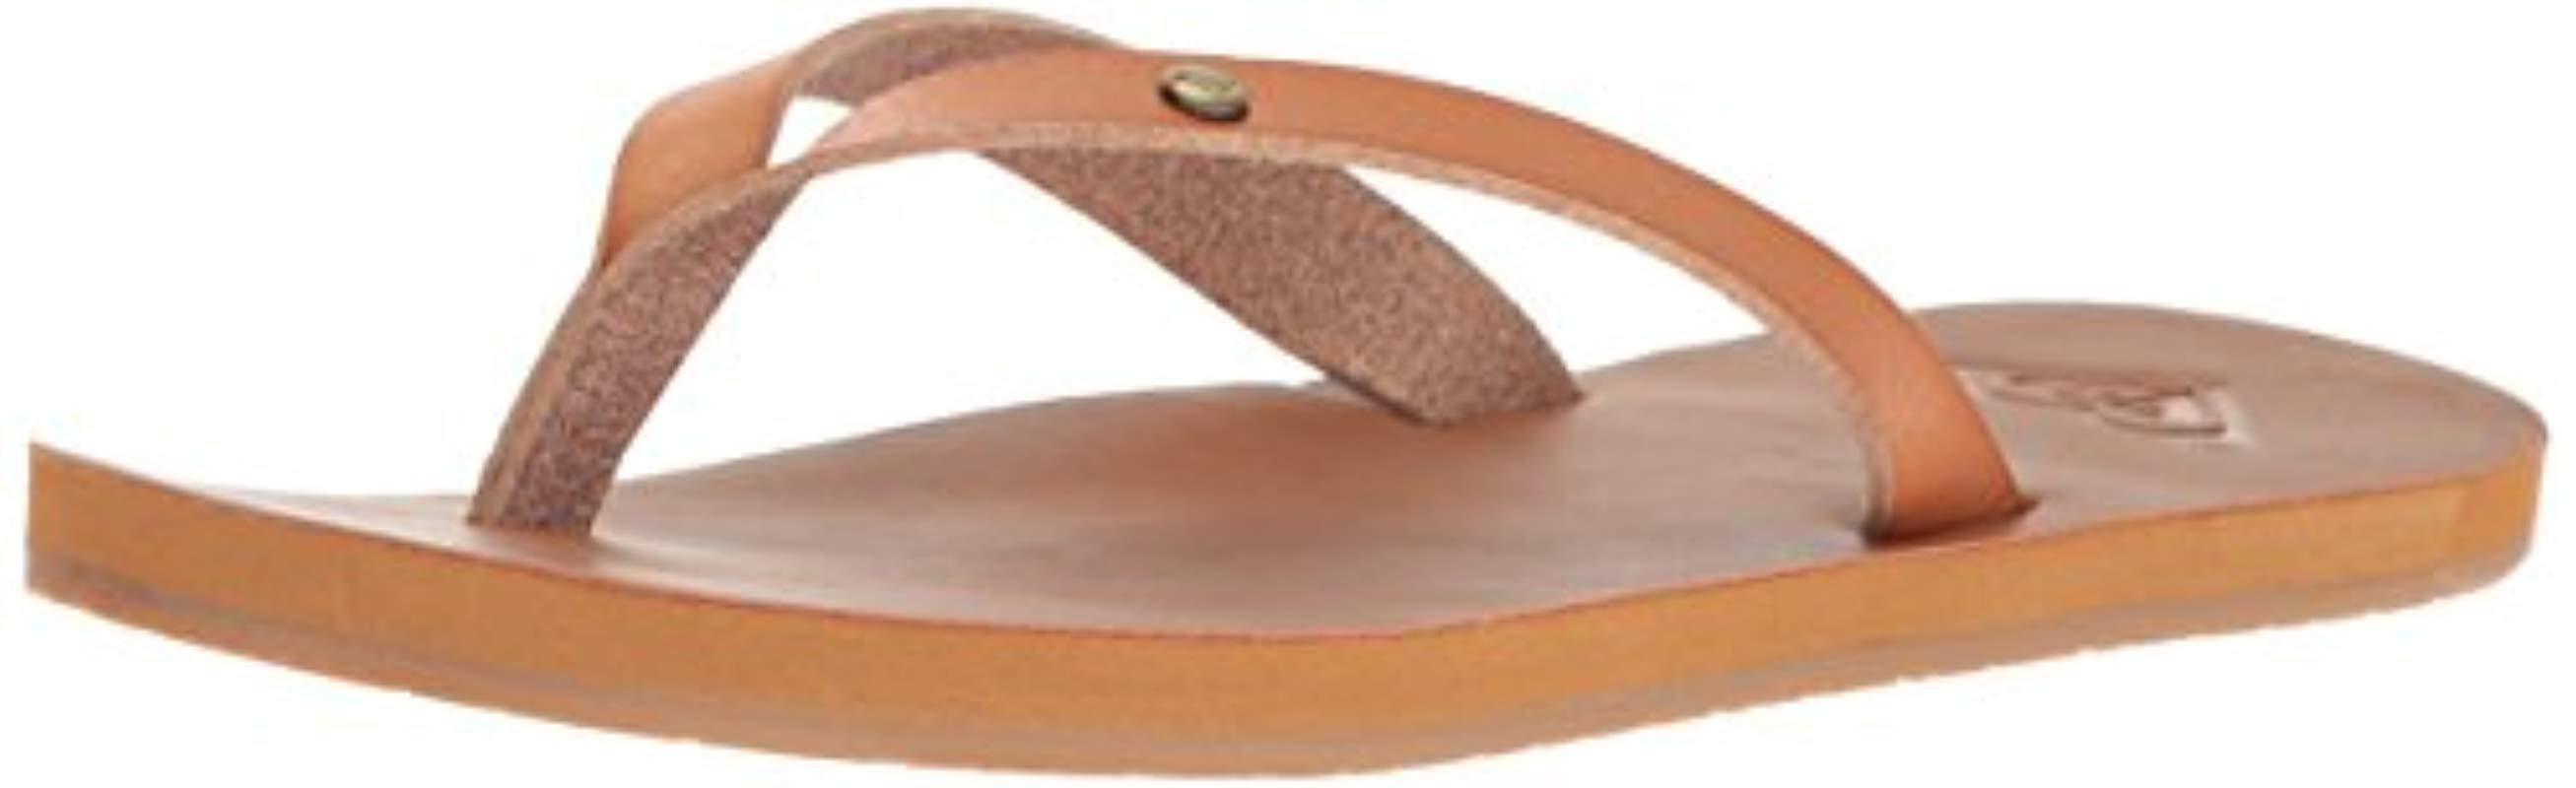 3fcfe29ee15 Lyst - Roxy Jyll Flip Flop Sandal in Brown